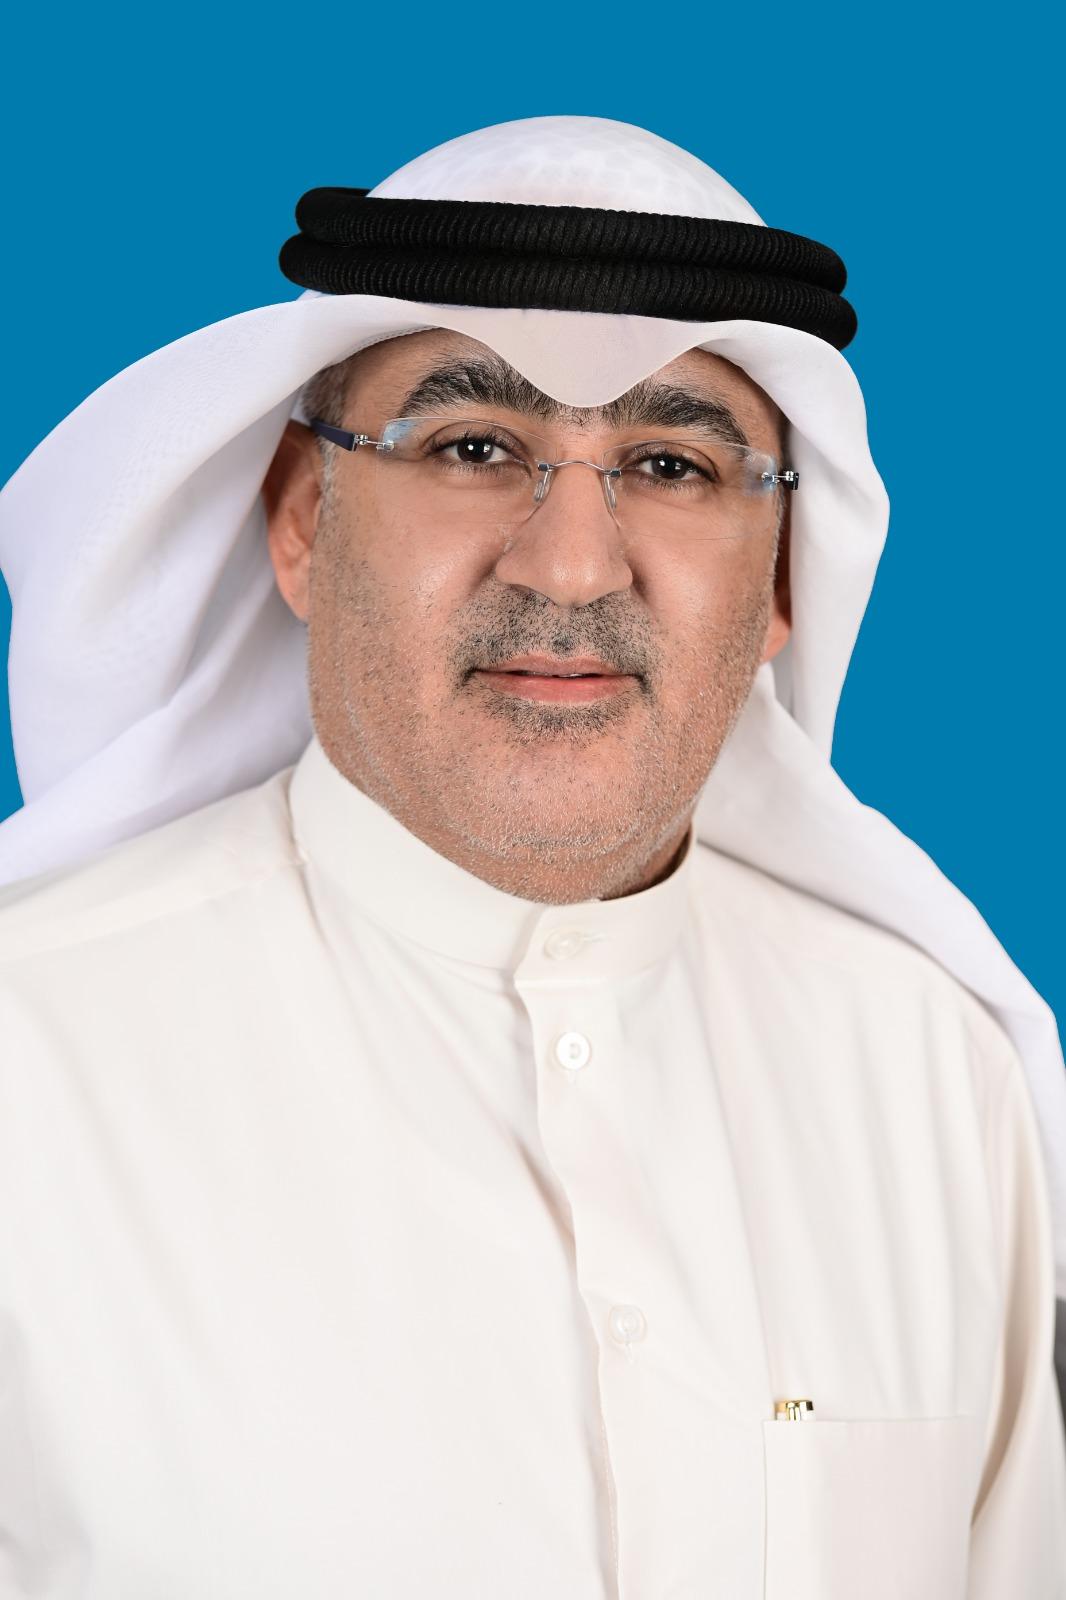 الحمد: بعض التجار يستغلون ضعف القوتنين لتحقيق مكاسب شخصية على حساب المال العام ومصلحة المواطن